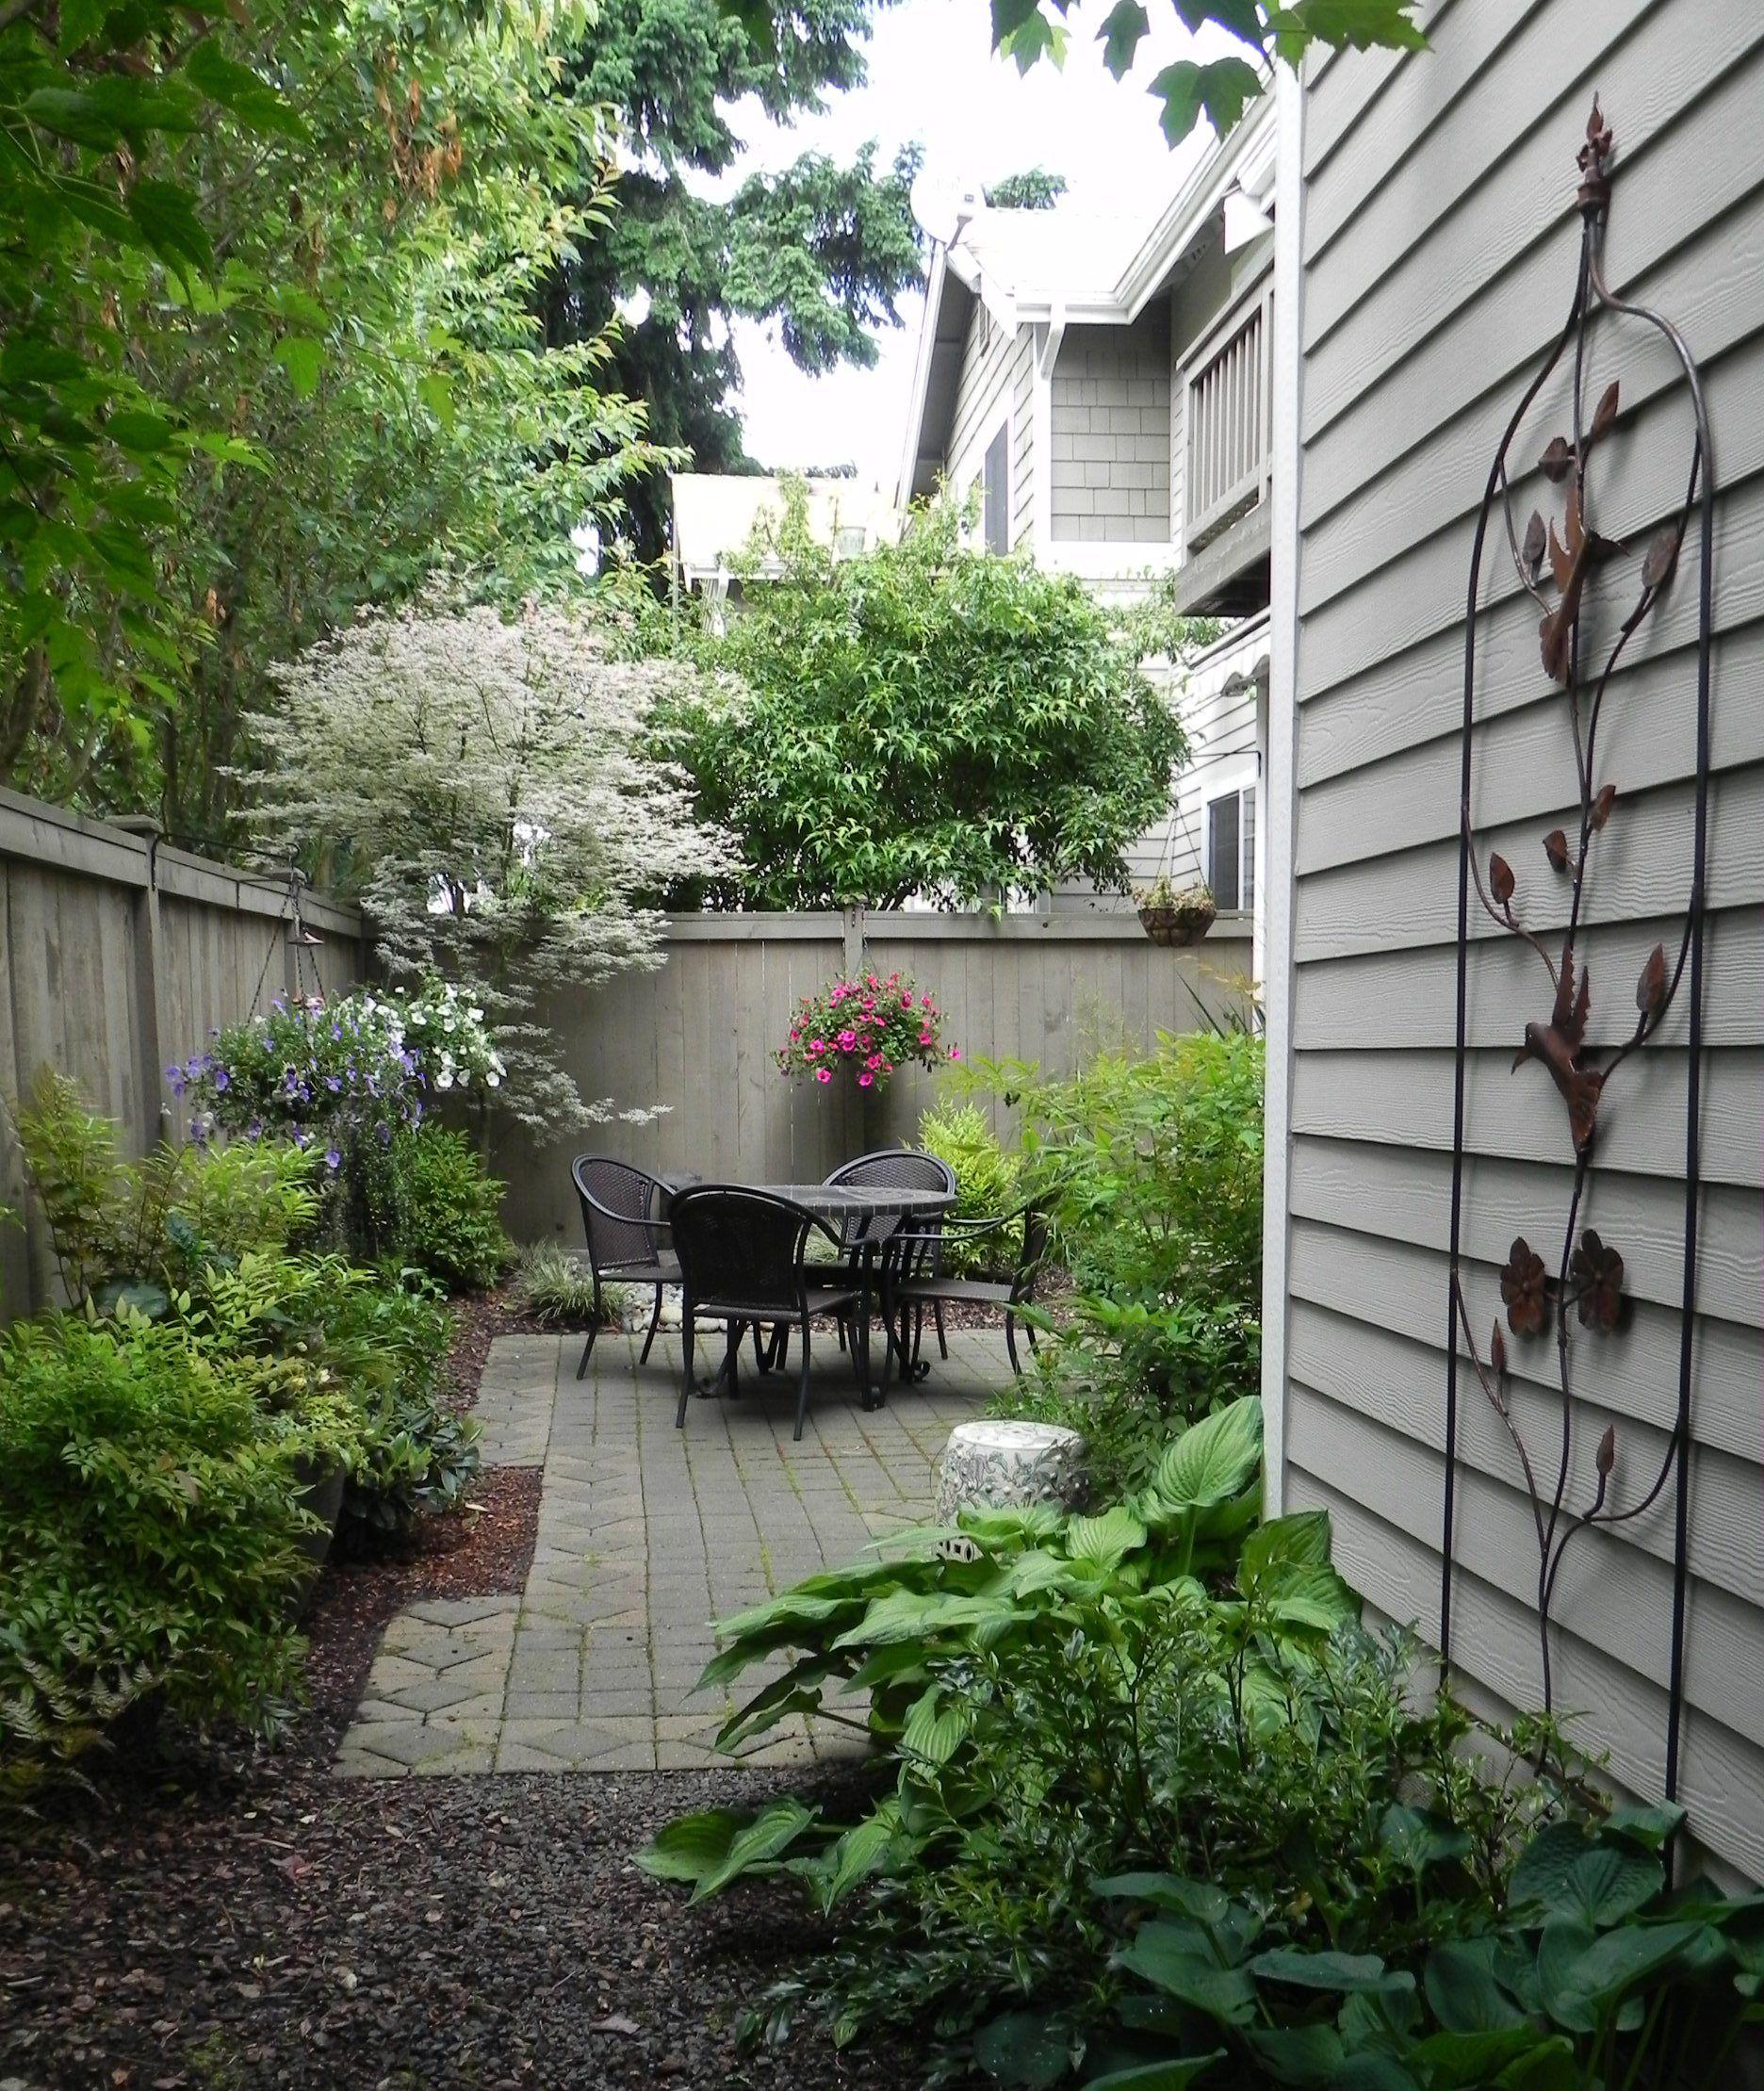 Garden Ideas Small Balcony Garden Side Yard Landscaping Small Backyard Gardens Small space backyard garden ideas